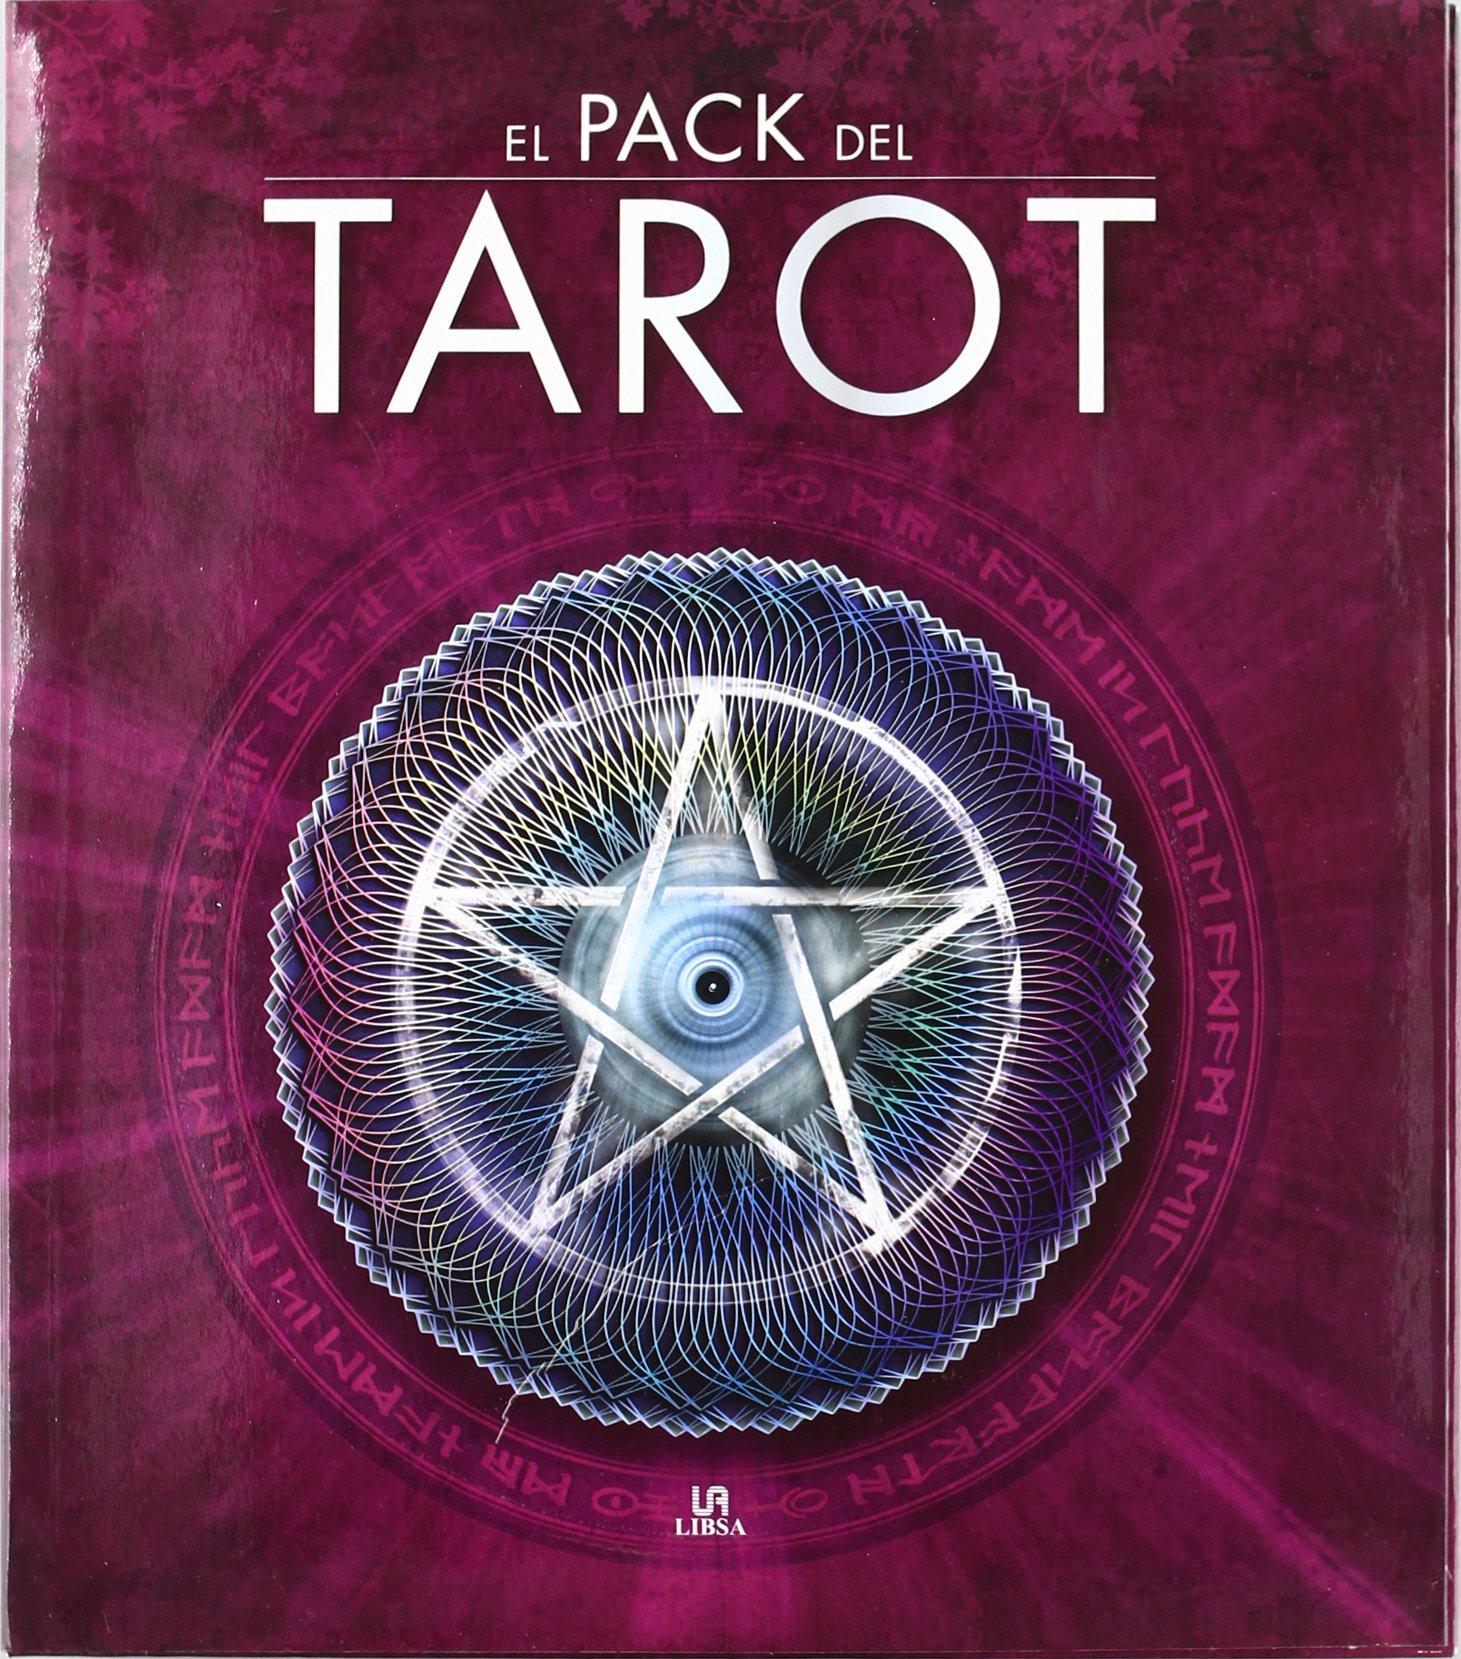 El Pack del Tarot (Packs de Adivinación): Amazon.es: Meldi, Diego, Martín, Inés, Tamayo, José Luis: Libros